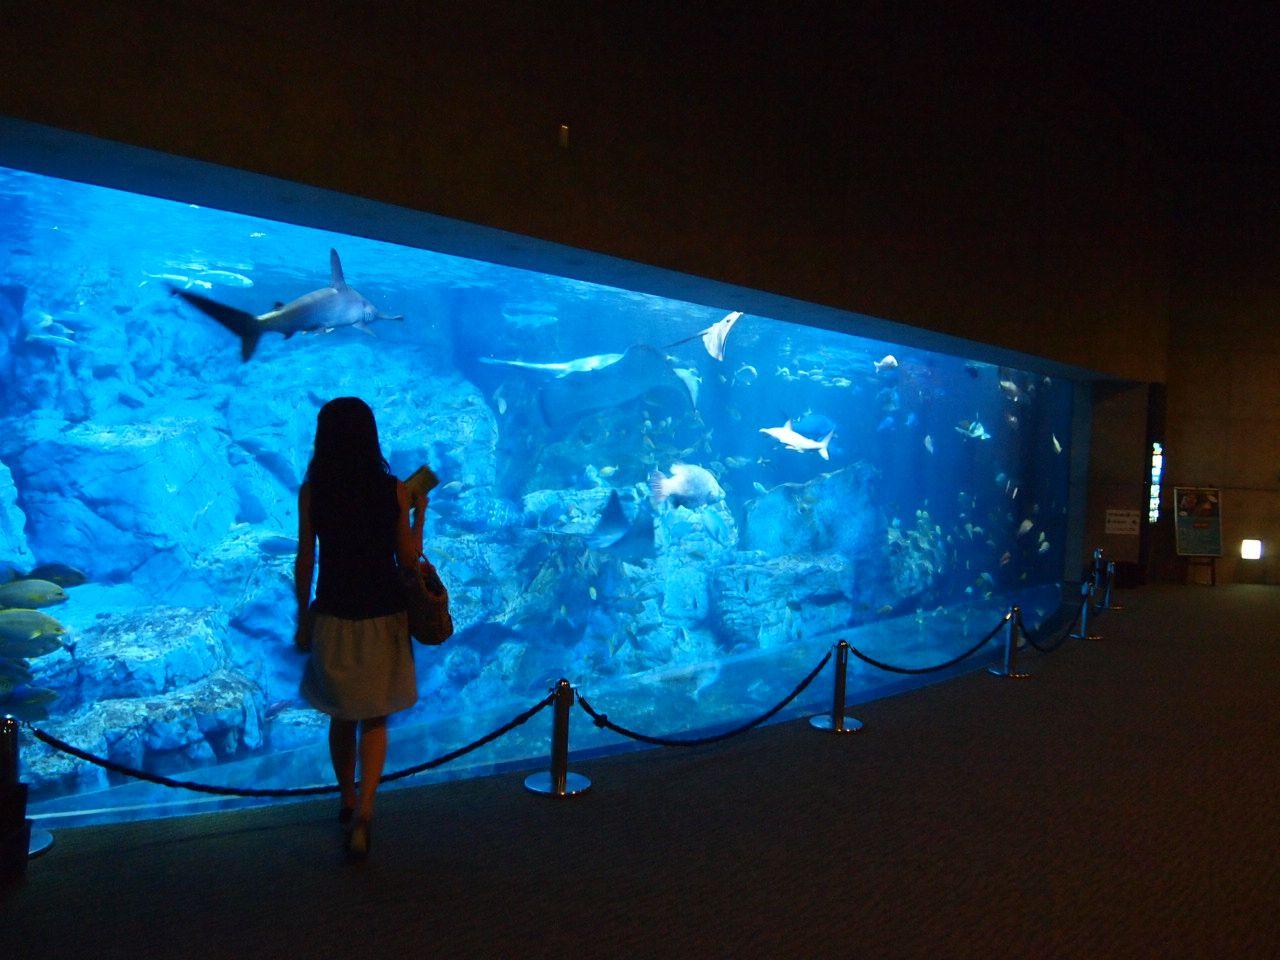 美術館を思わせるアートな水族館「うみたまご」